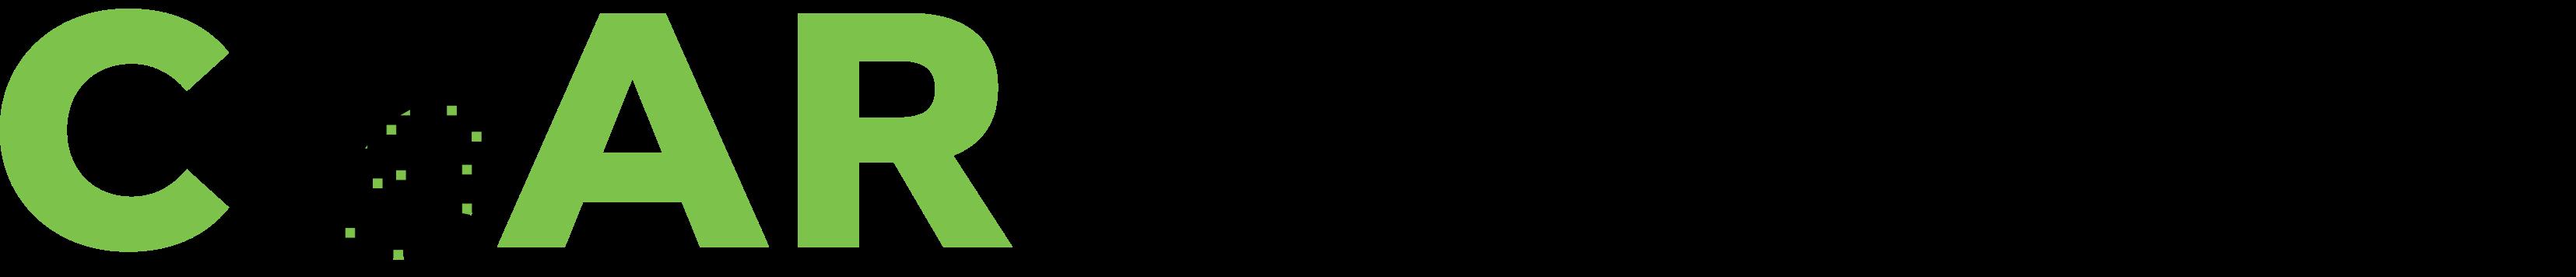 COAR logo